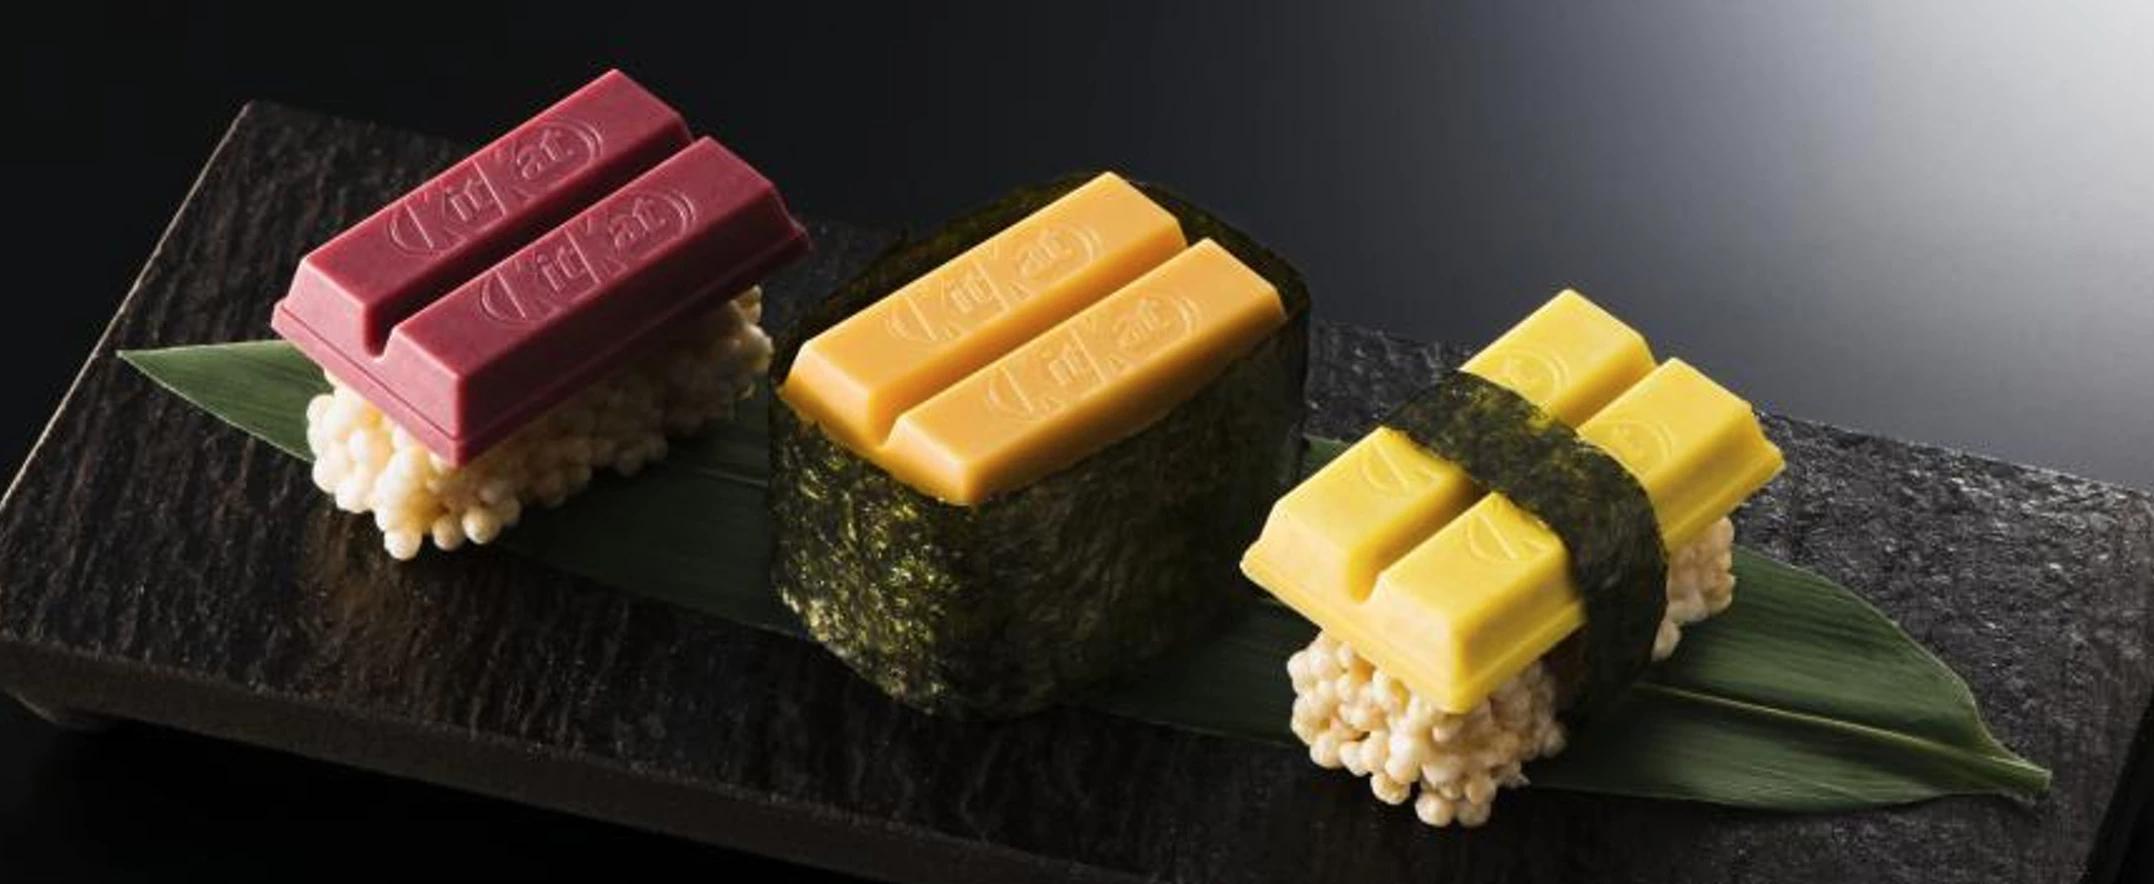 Kit Kat Sushi Tastes Better Than It Looks